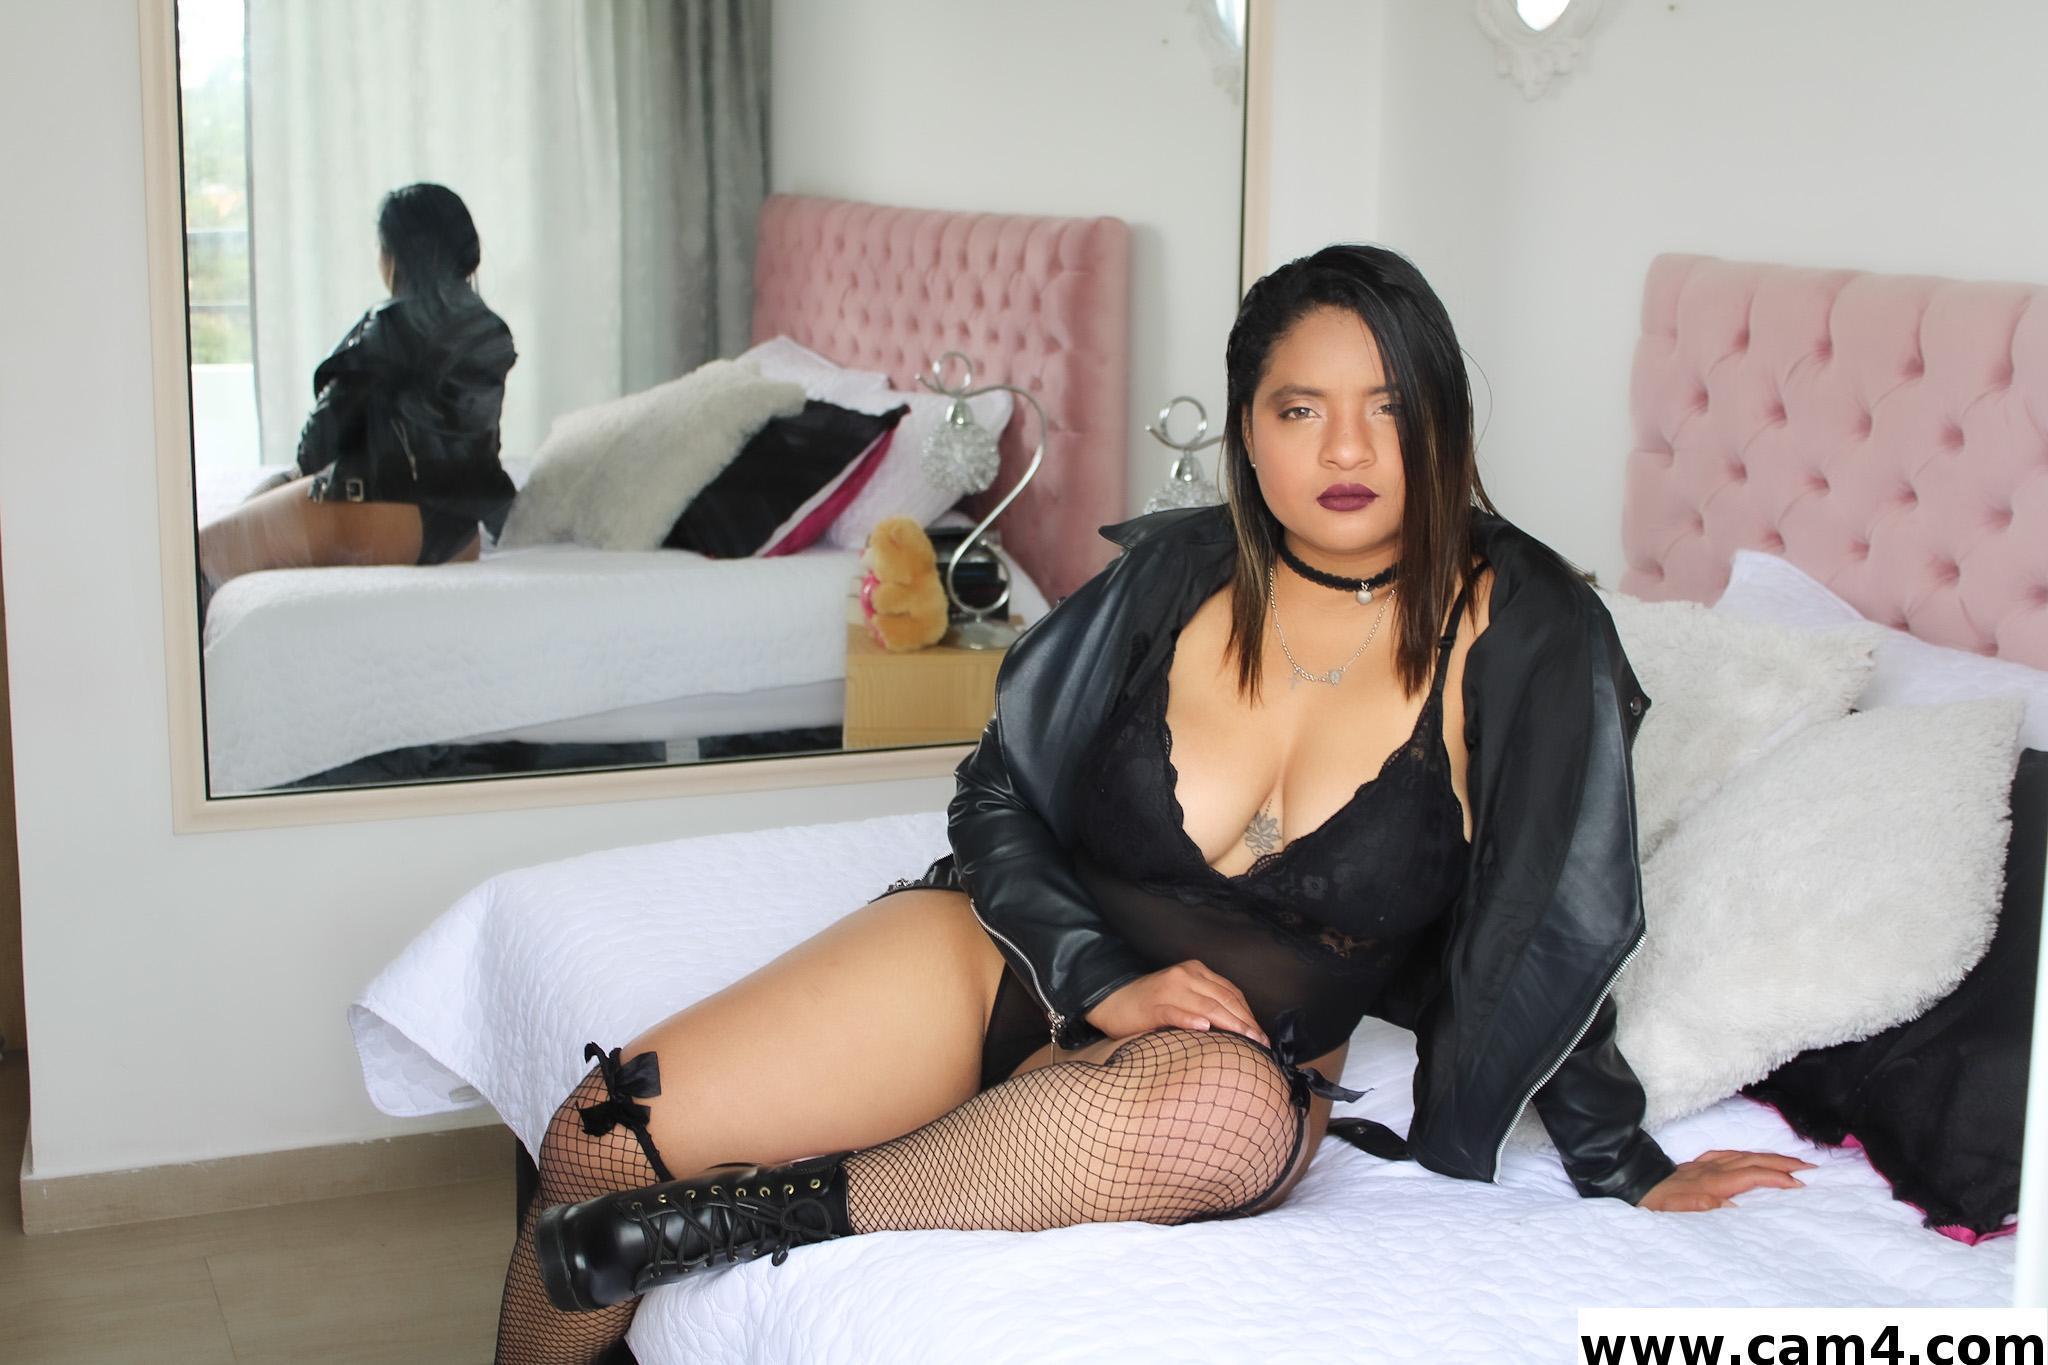 Lorena hot18?s=pjtayl8ud6wid9wglunzm3tdrw+n51mtsi7l+evqr7g=